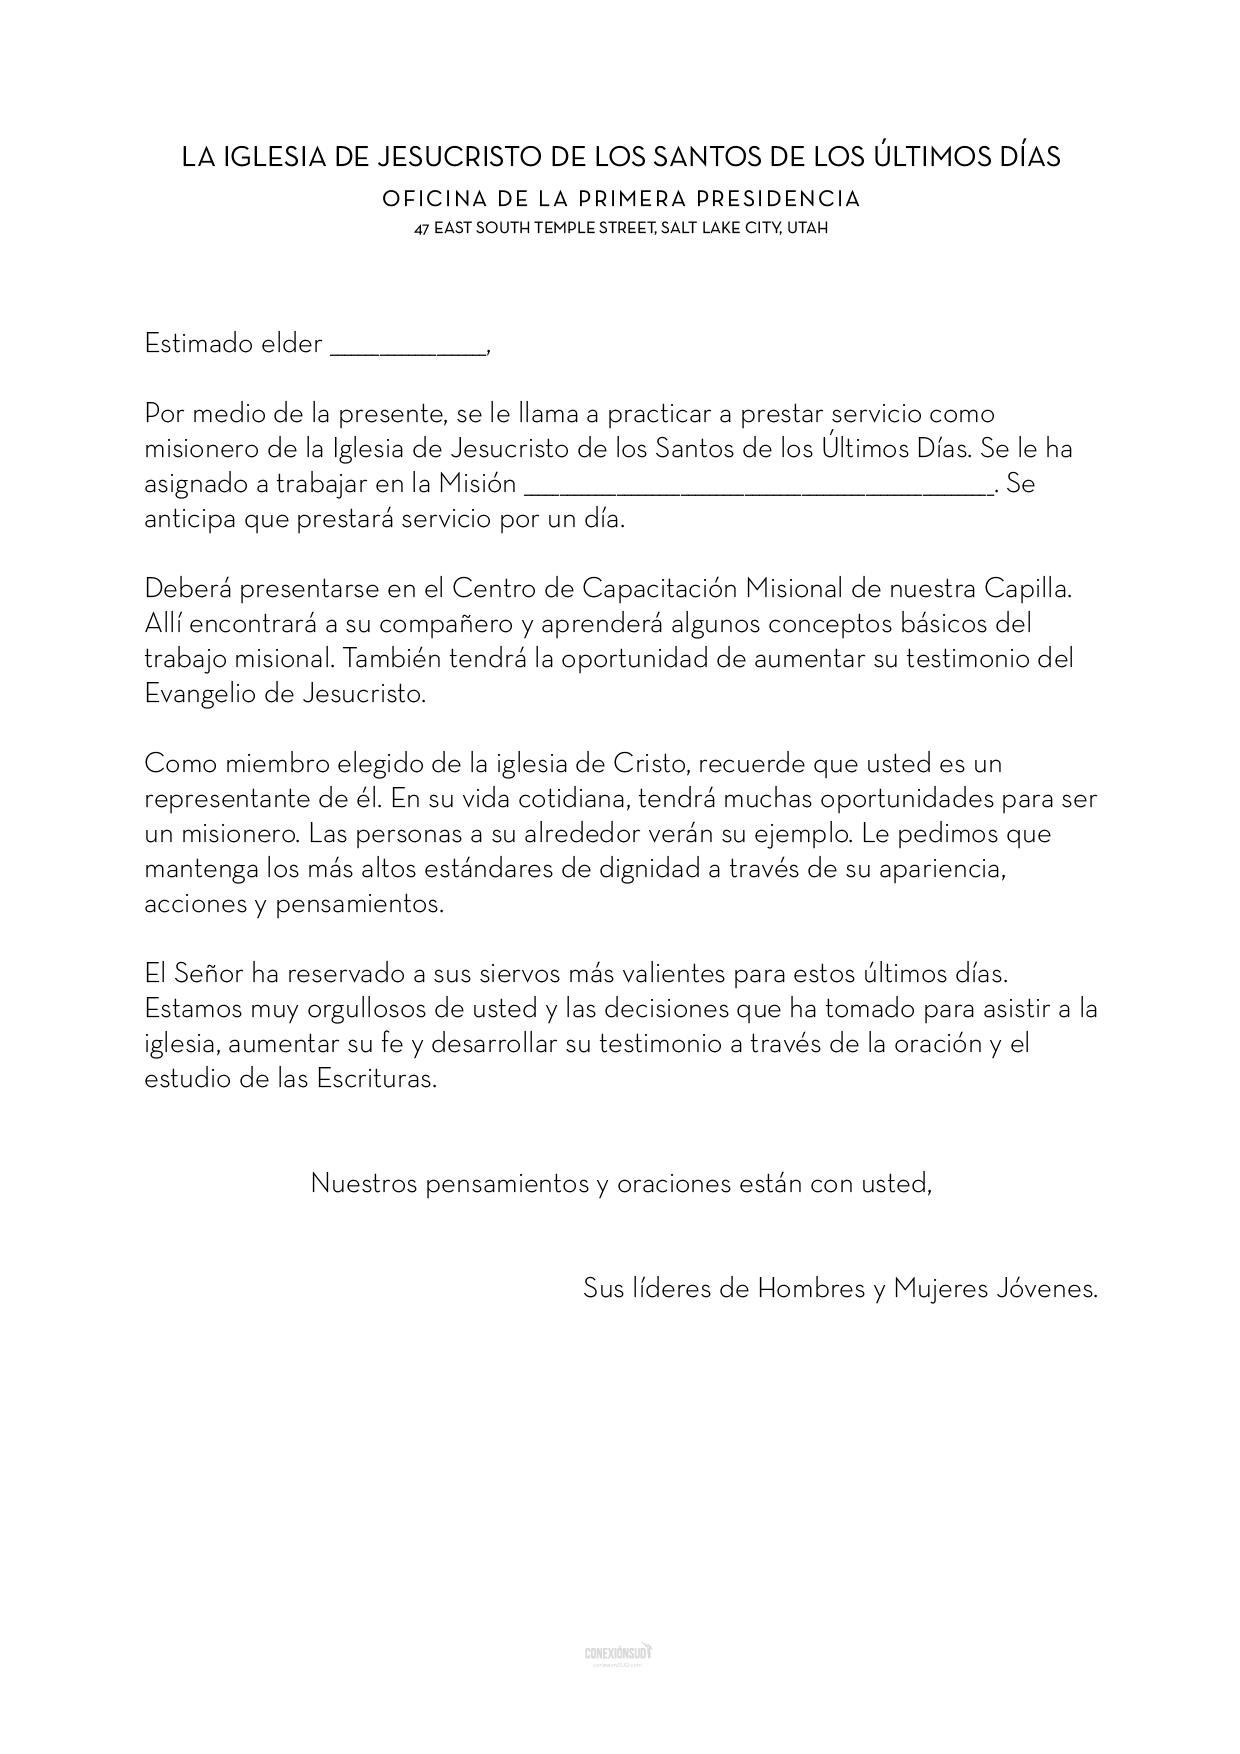 misionero por un dia - carta elder_ConexionSUD-03